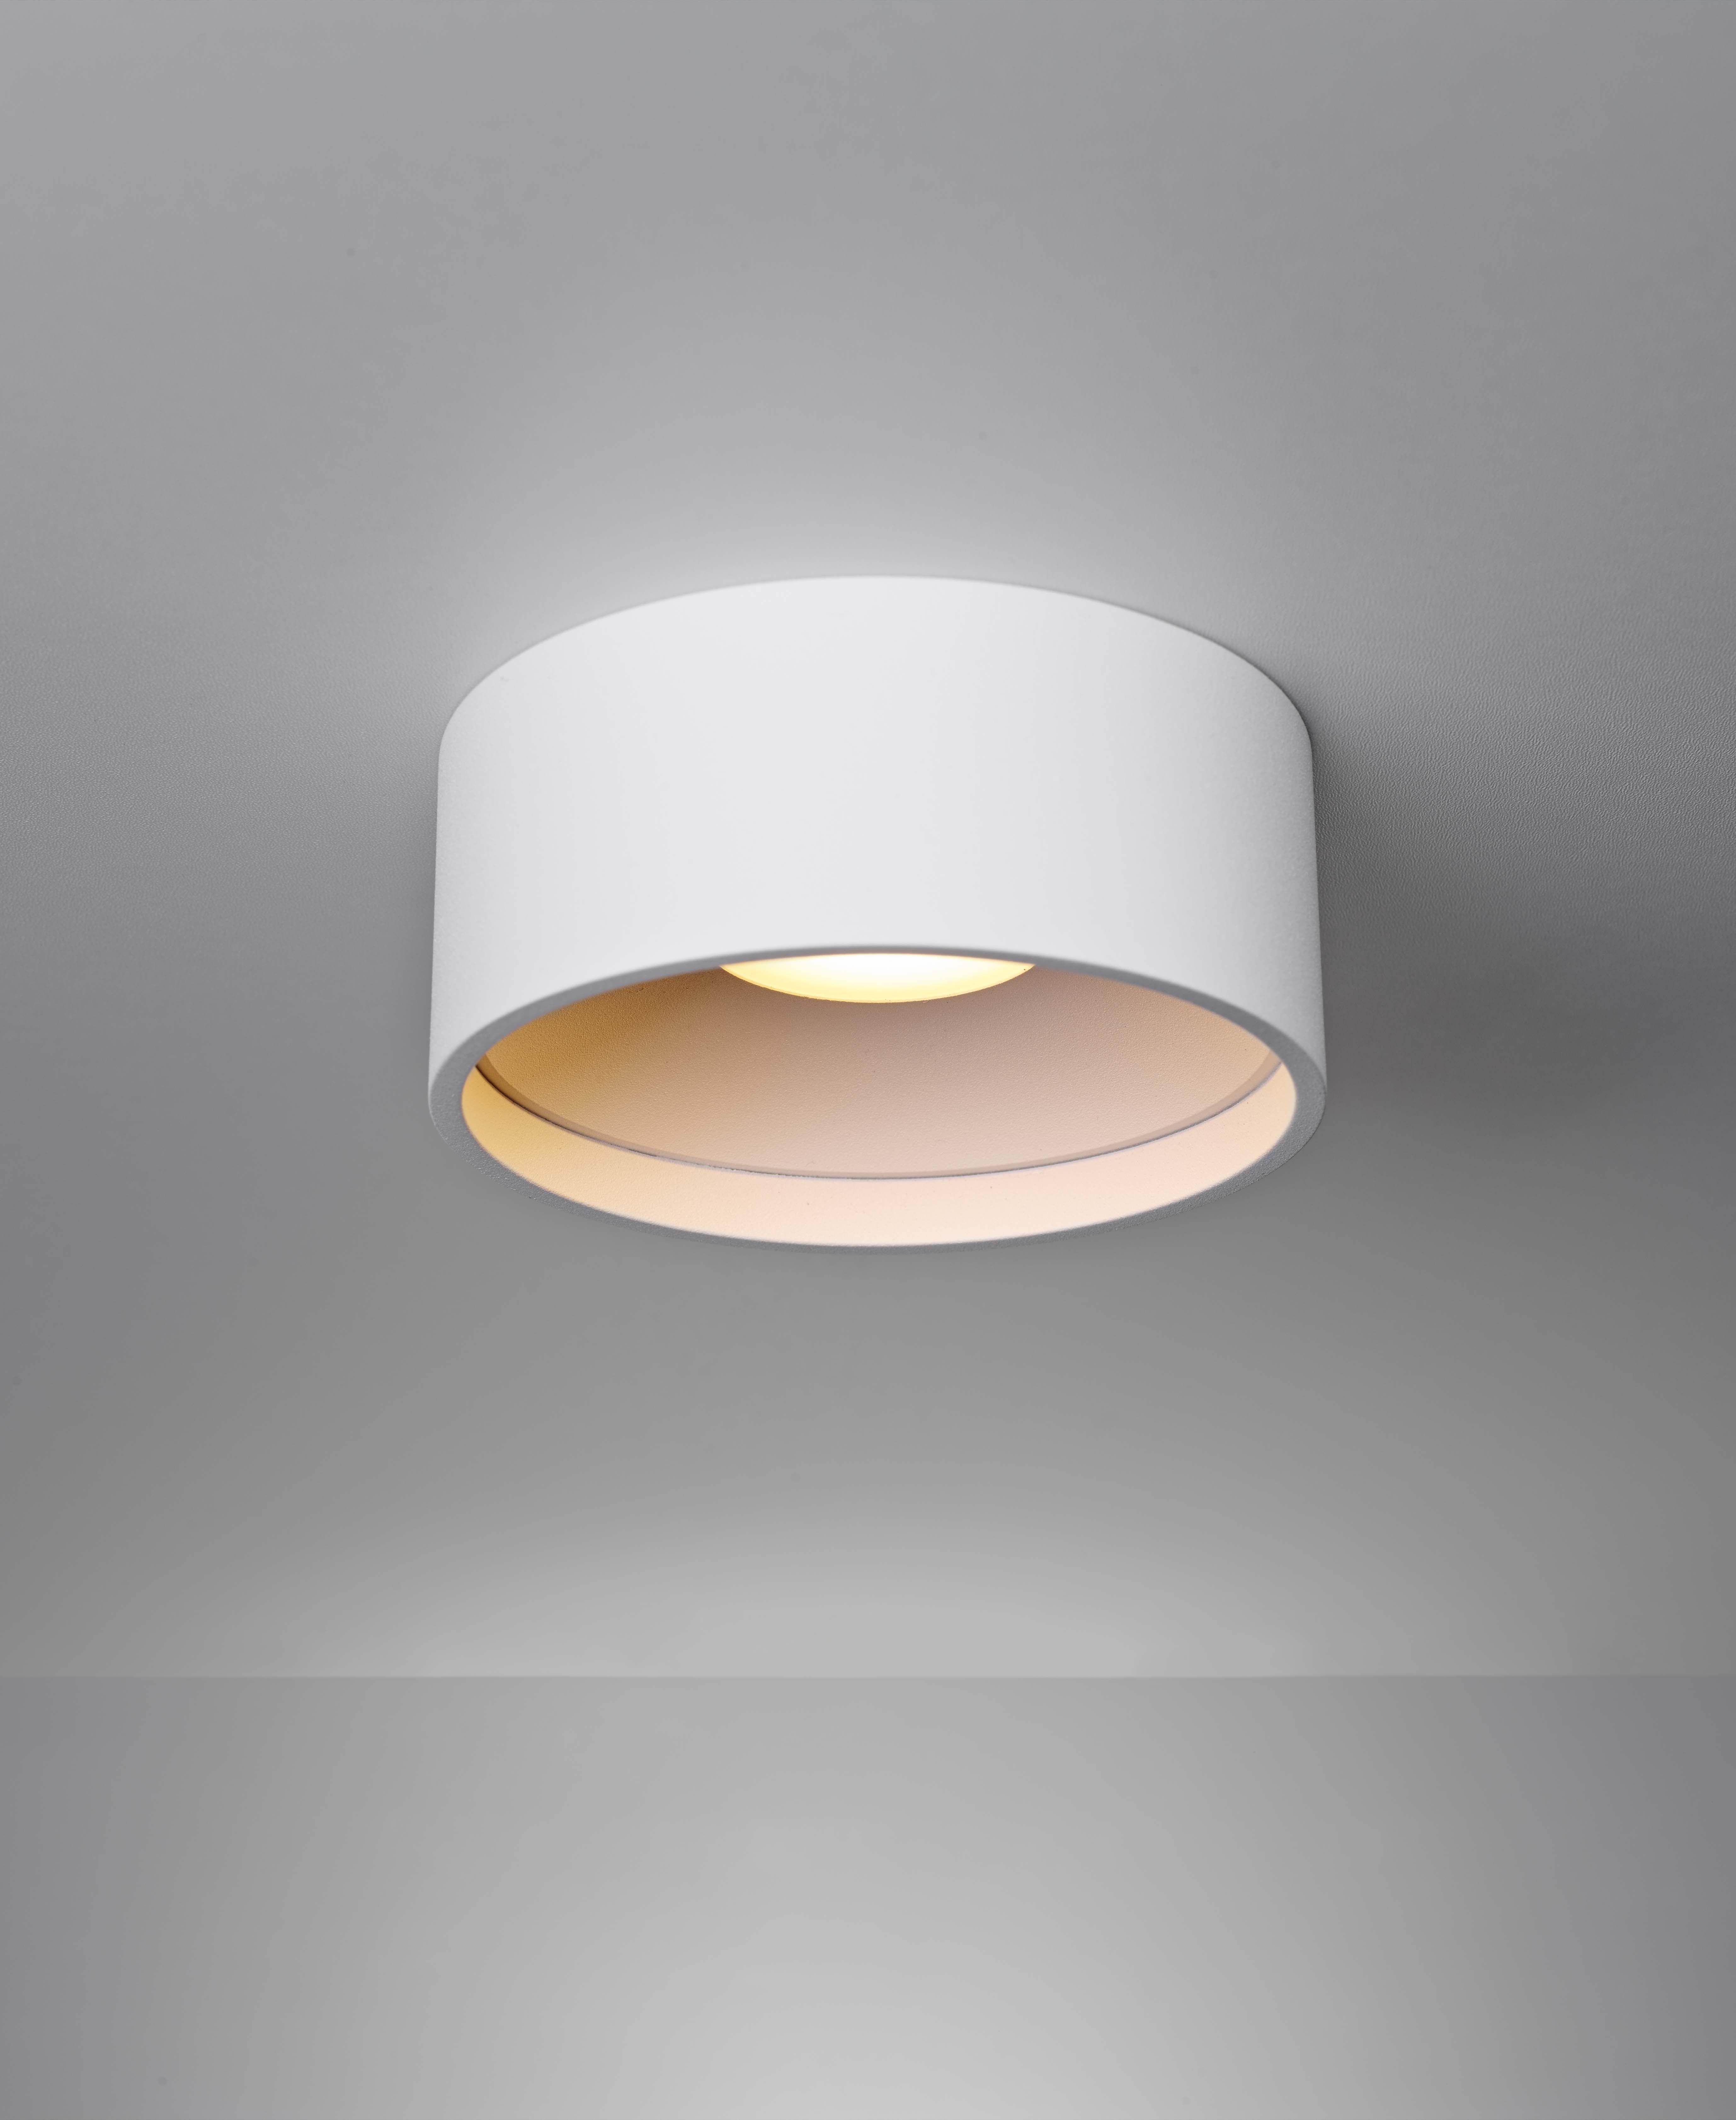 Bright Deckenleuchte Mini Light Prediger Beleuchtung Wohnzimmer Decke Deckenlampe Wohnzimmer Lampe Badezimmer